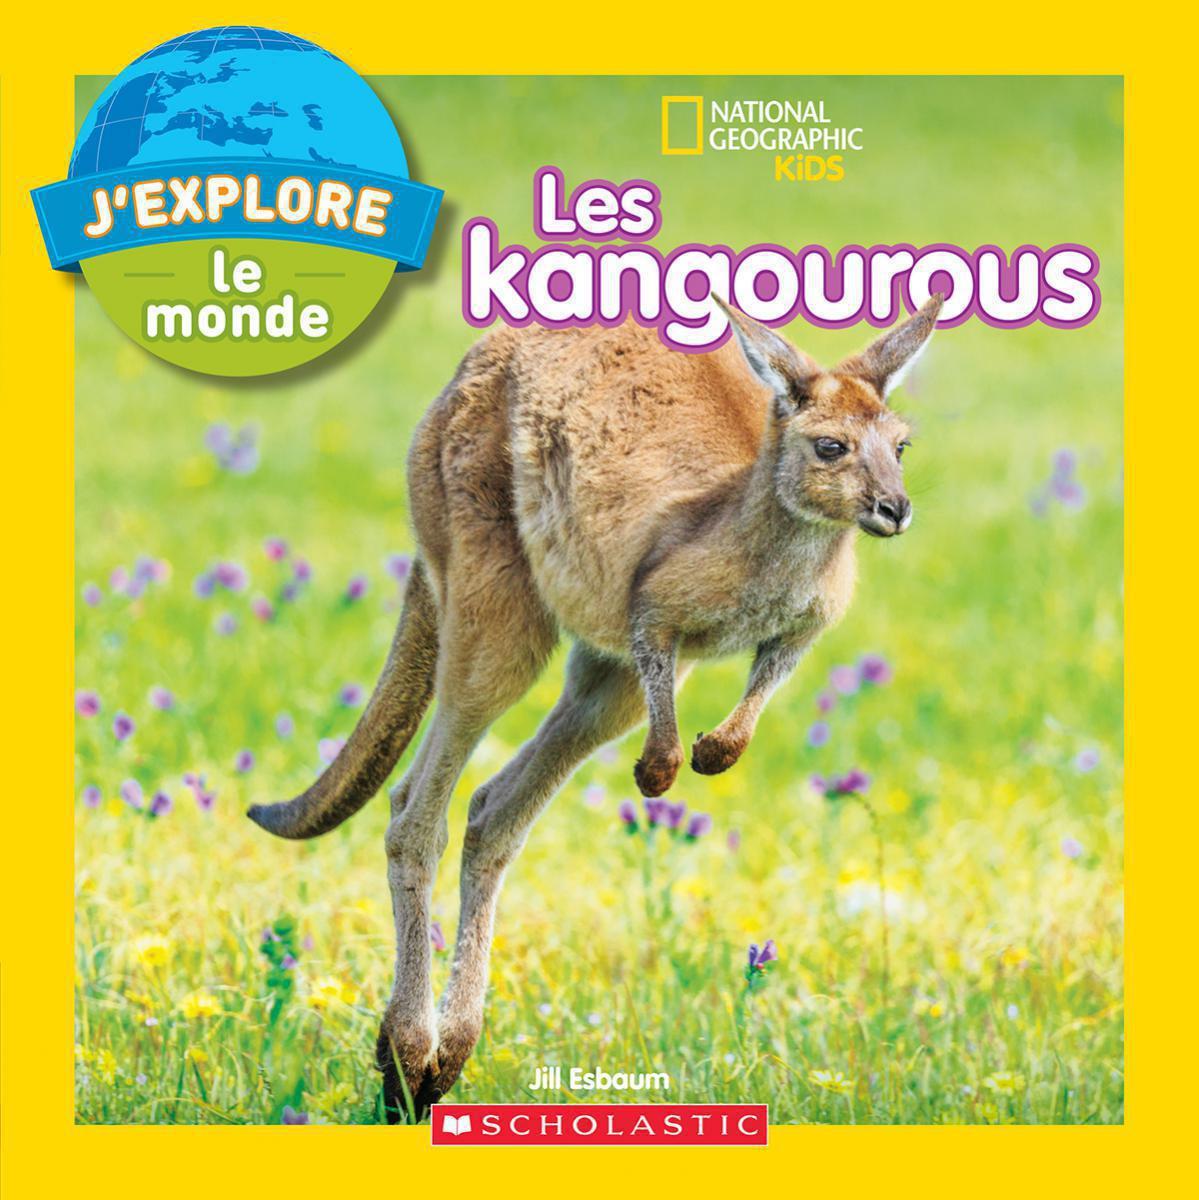 National Geographic Kids : J'explore le monde : Les kangourous